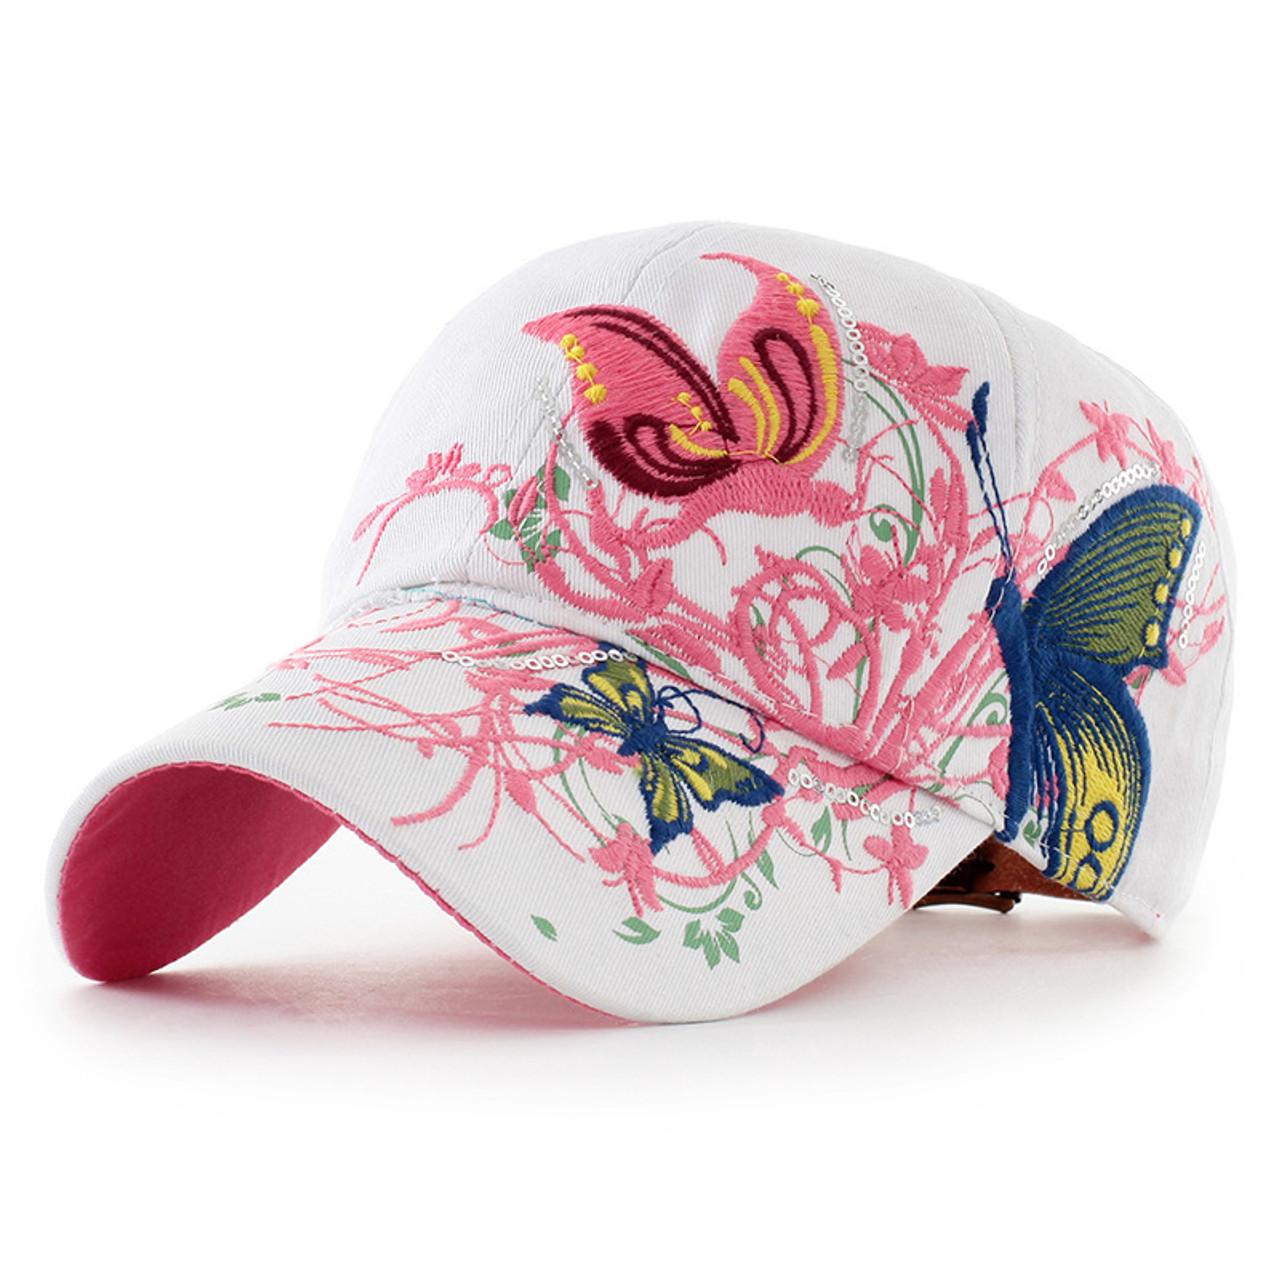 1009a0c3a Women Butterflies Flower Embroidery Caps Women Girl Sun Hats Casual  Snapback Caps Women Baseball Cap Winter Autumn